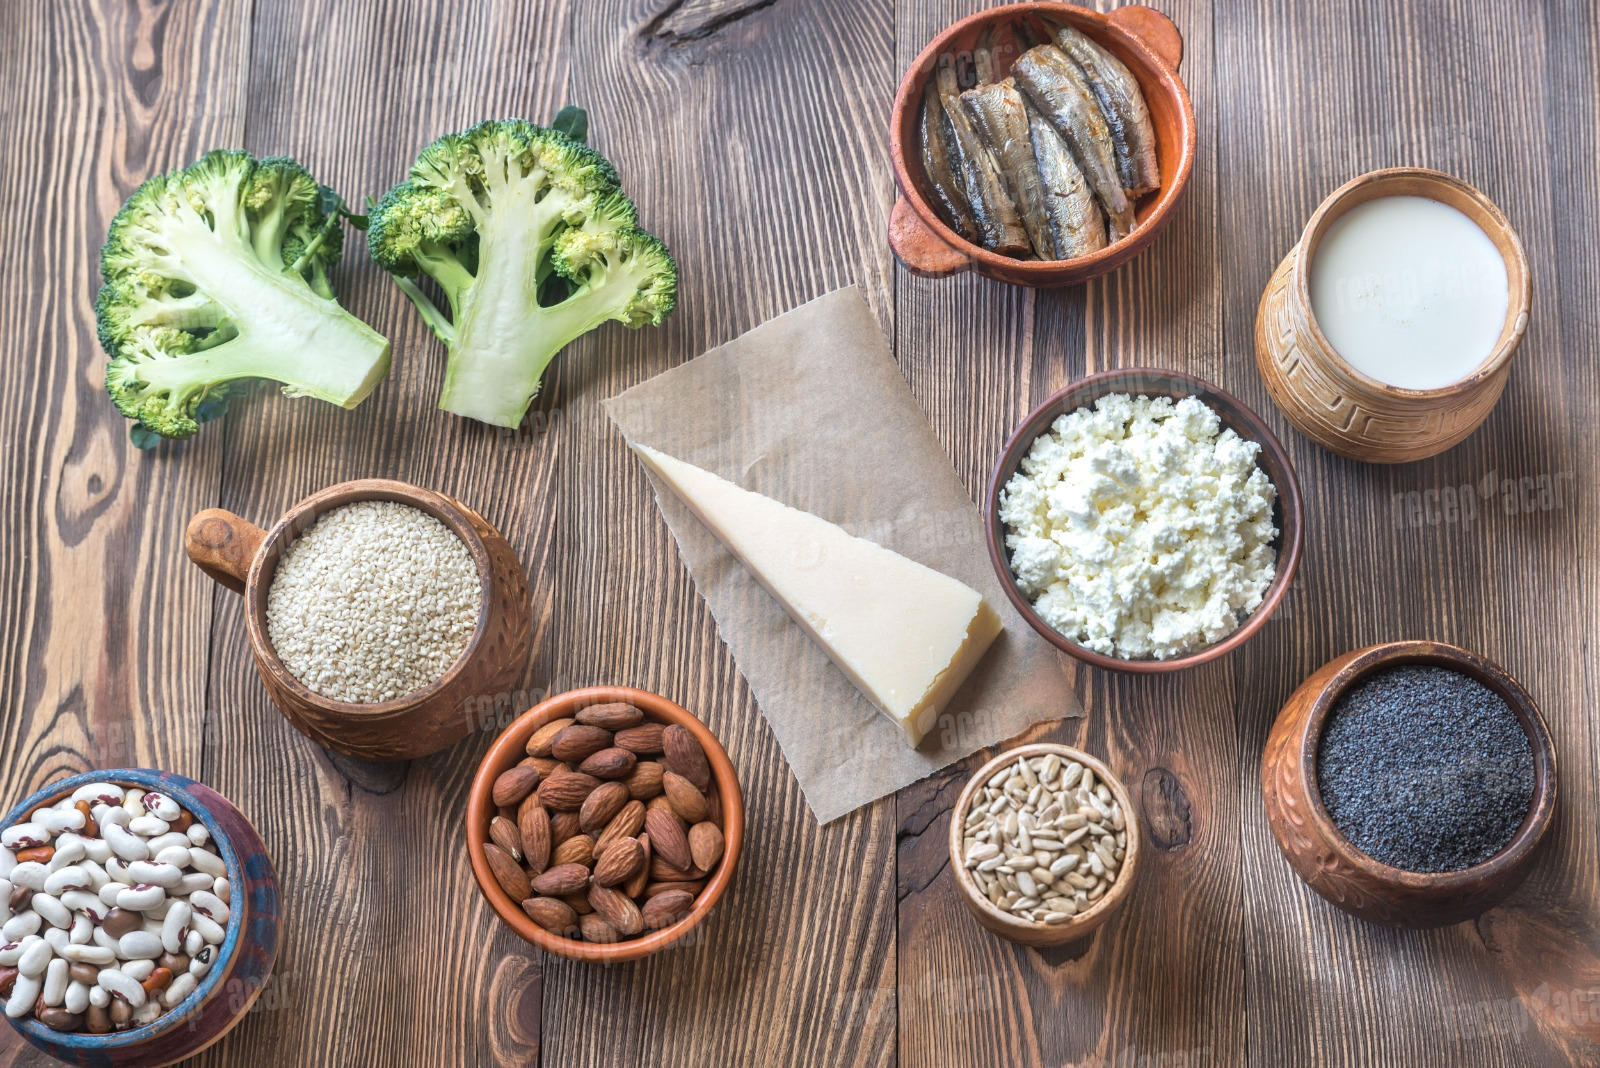 Kemik Sağlığı İçin Hangi Besinleri Tüketmeliyiz?